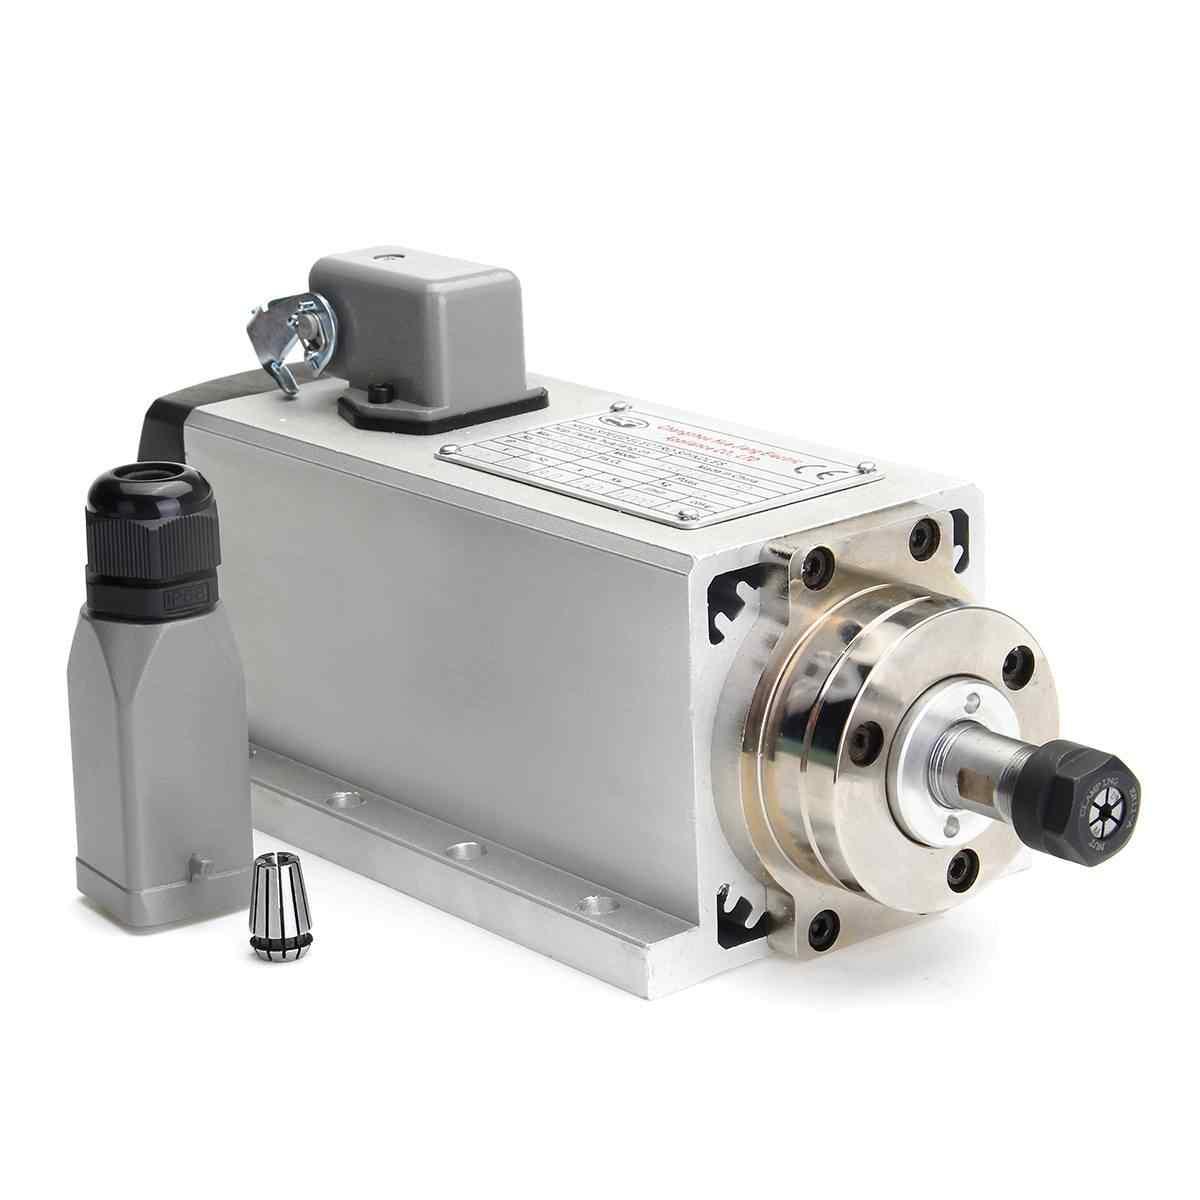 1.5KW ER11 CNC Con Quay 24000 vòng/phút Máy Động Cơ Trục Chính Không Colling Khắc Xay Con Quay 220 V AC Con Quay